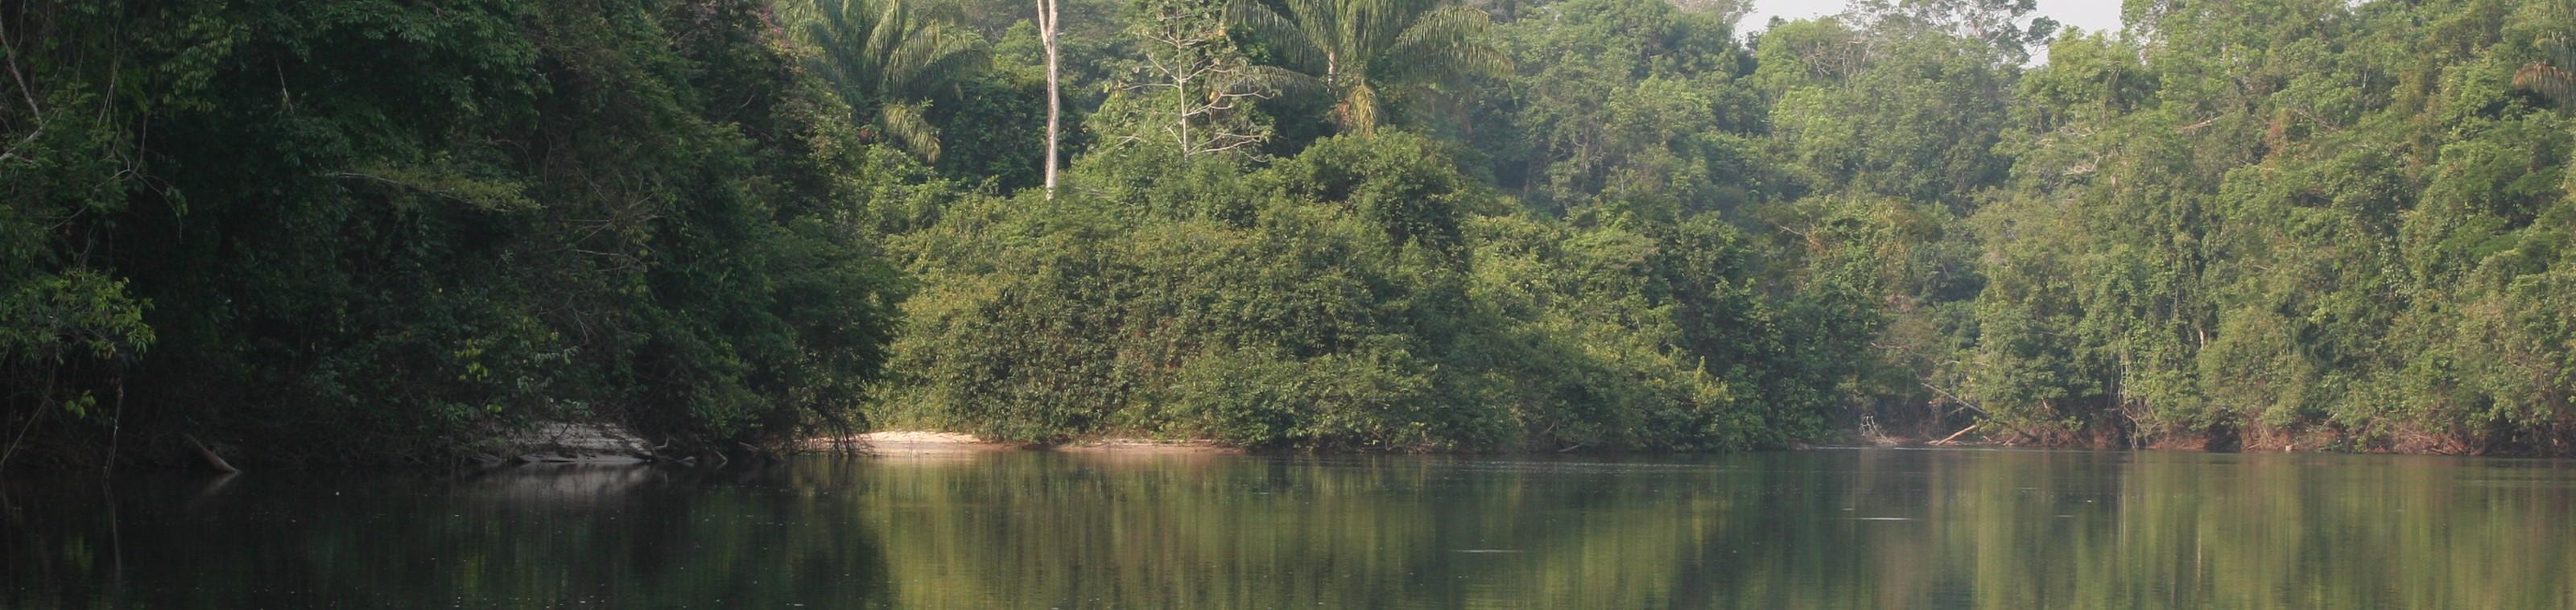 Exploratiereis in de Pantanal